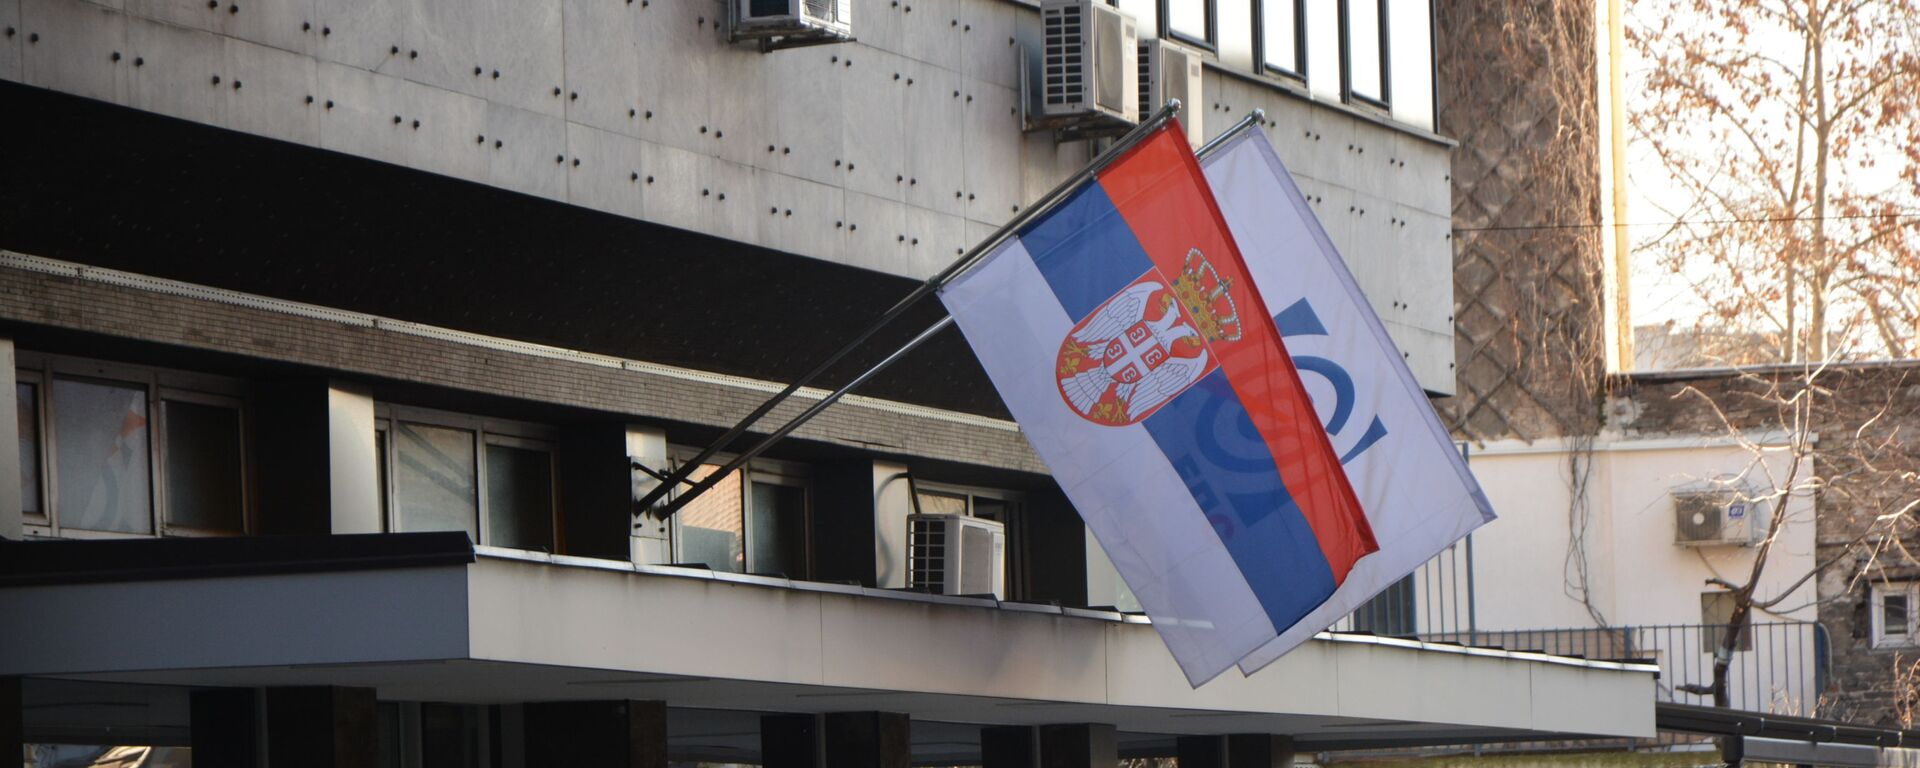 Elektroprivreda Srbije - Sputnik Srbija, 1920, 14.07.2021